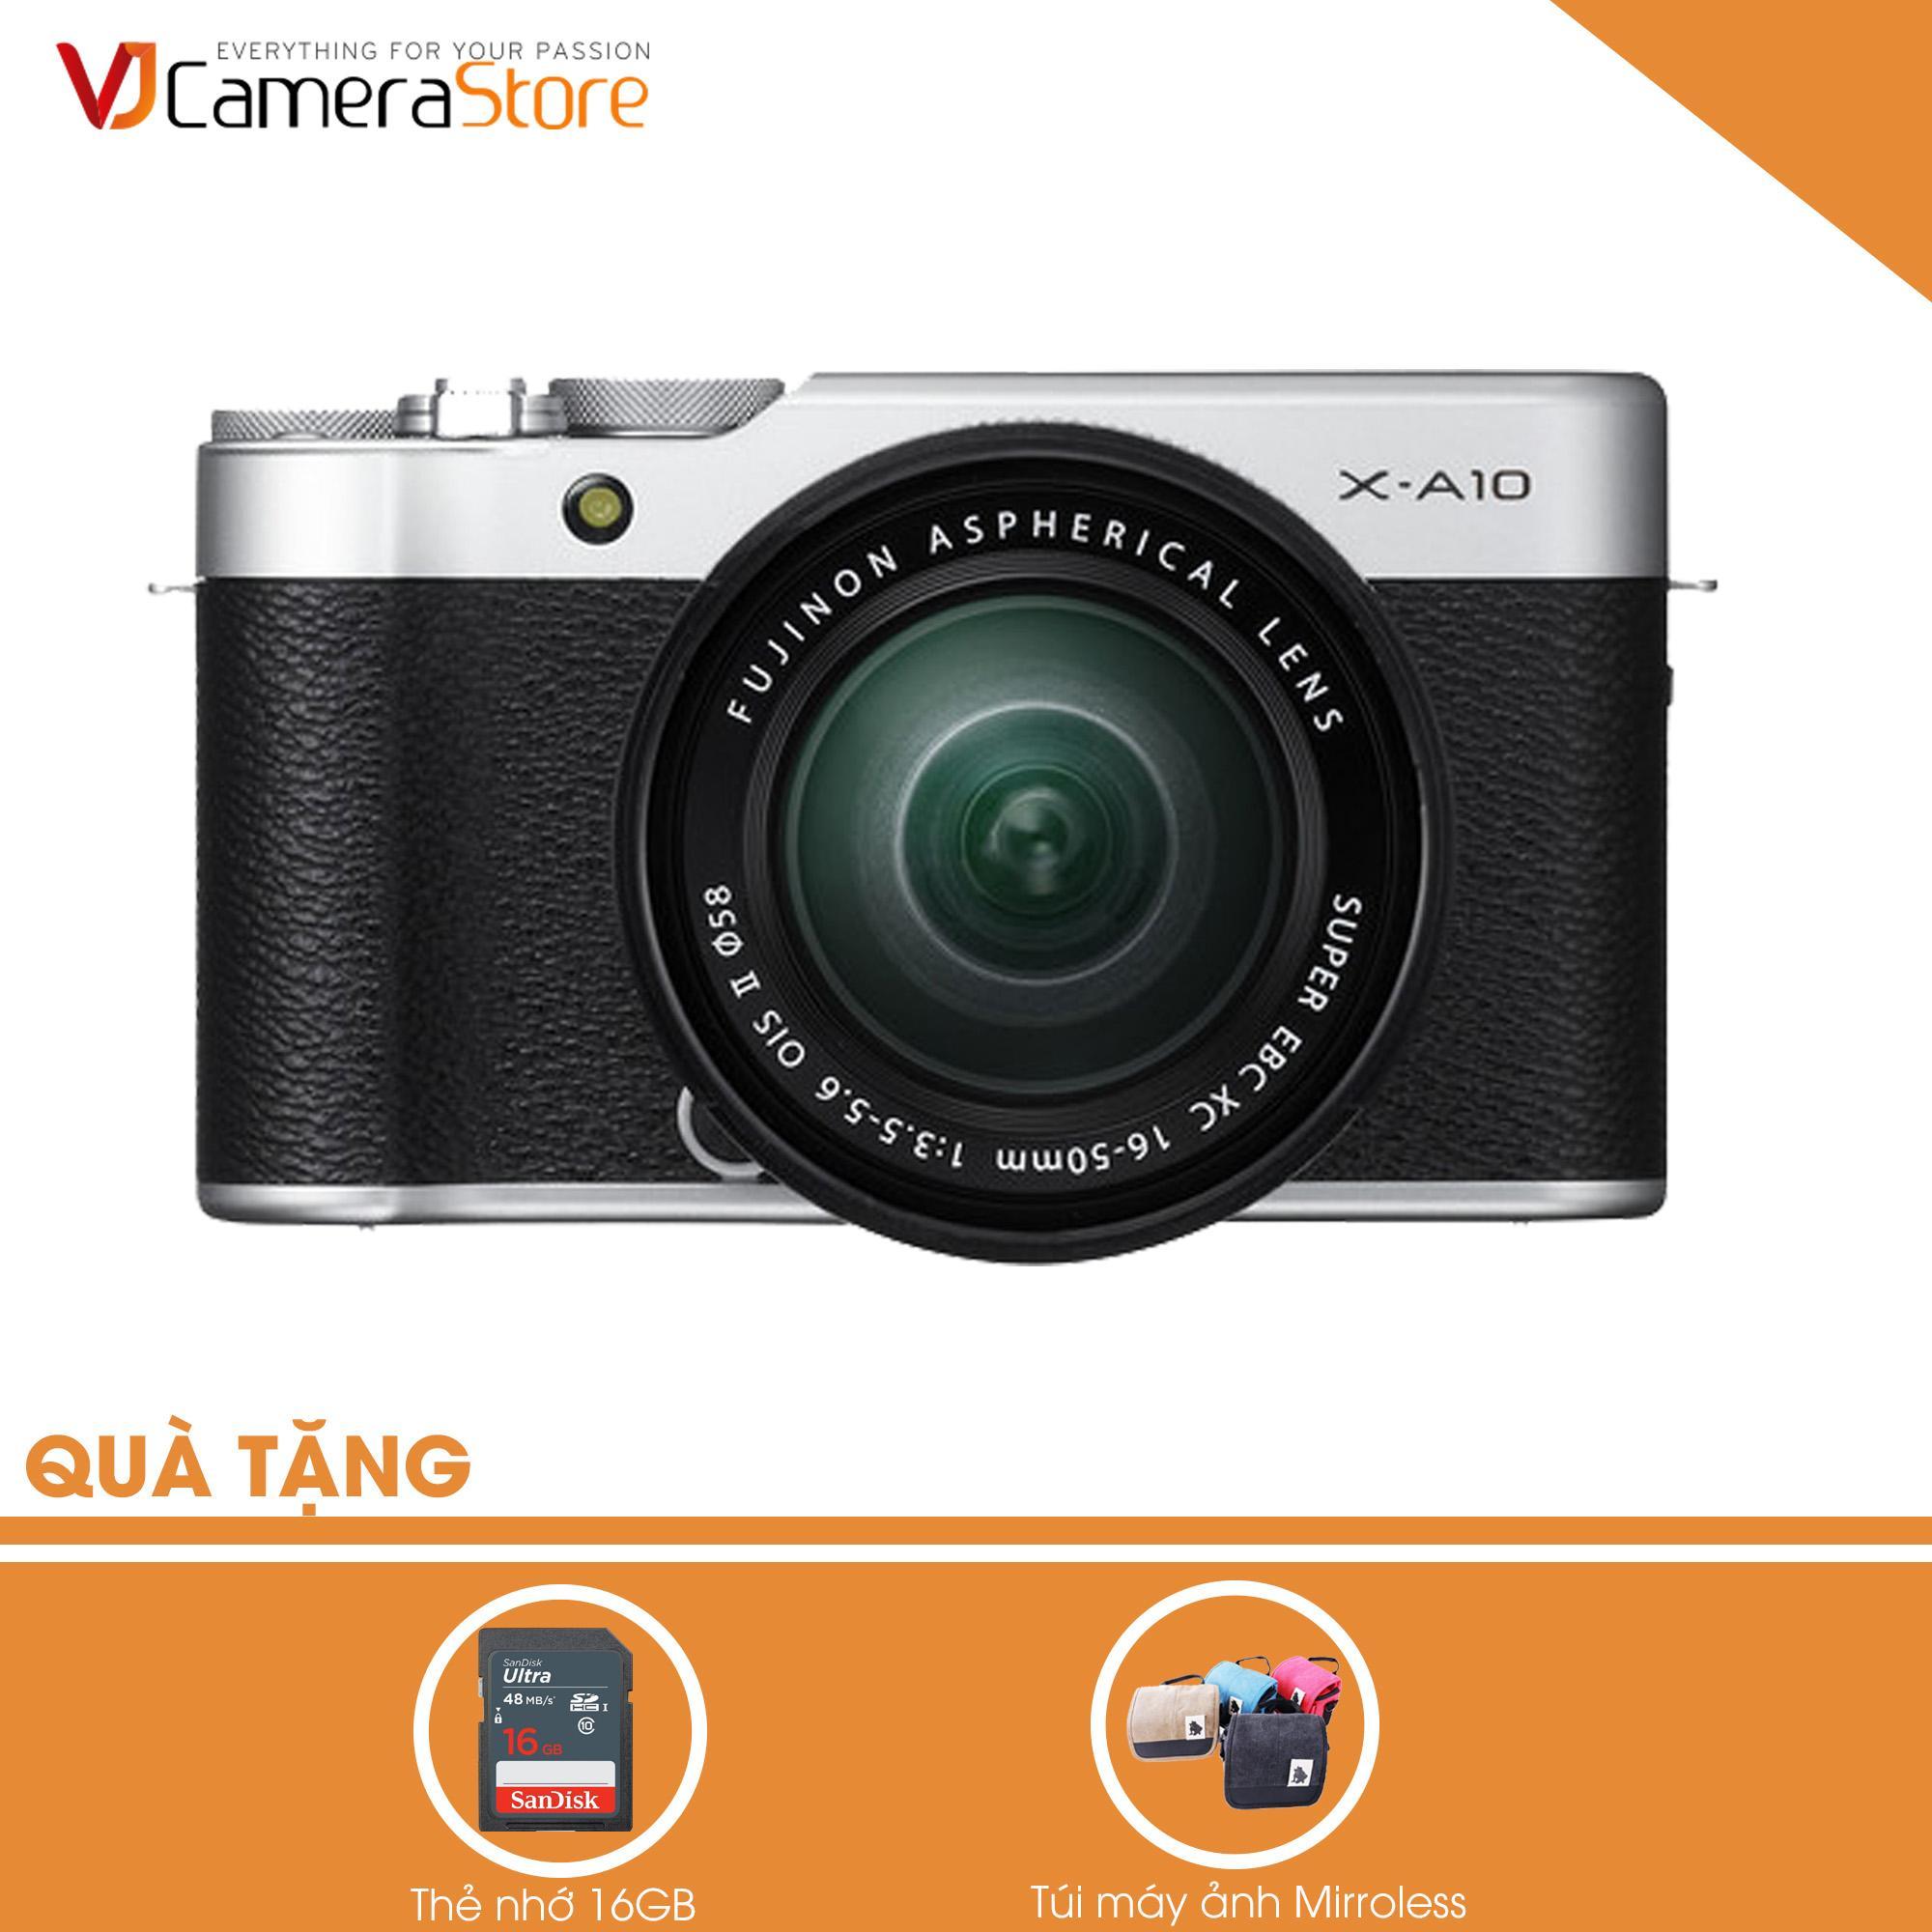 Giá Bán Fujifilm X A10 Bạc Lens Kit Xc 16 50Mm F3 5 5 6 Ois Ii Hang Phan Phối Chinh Hang Tặng Kem 1 Thẻ 16Gb 1 Tui Mirroless Fujifilm Nguyên